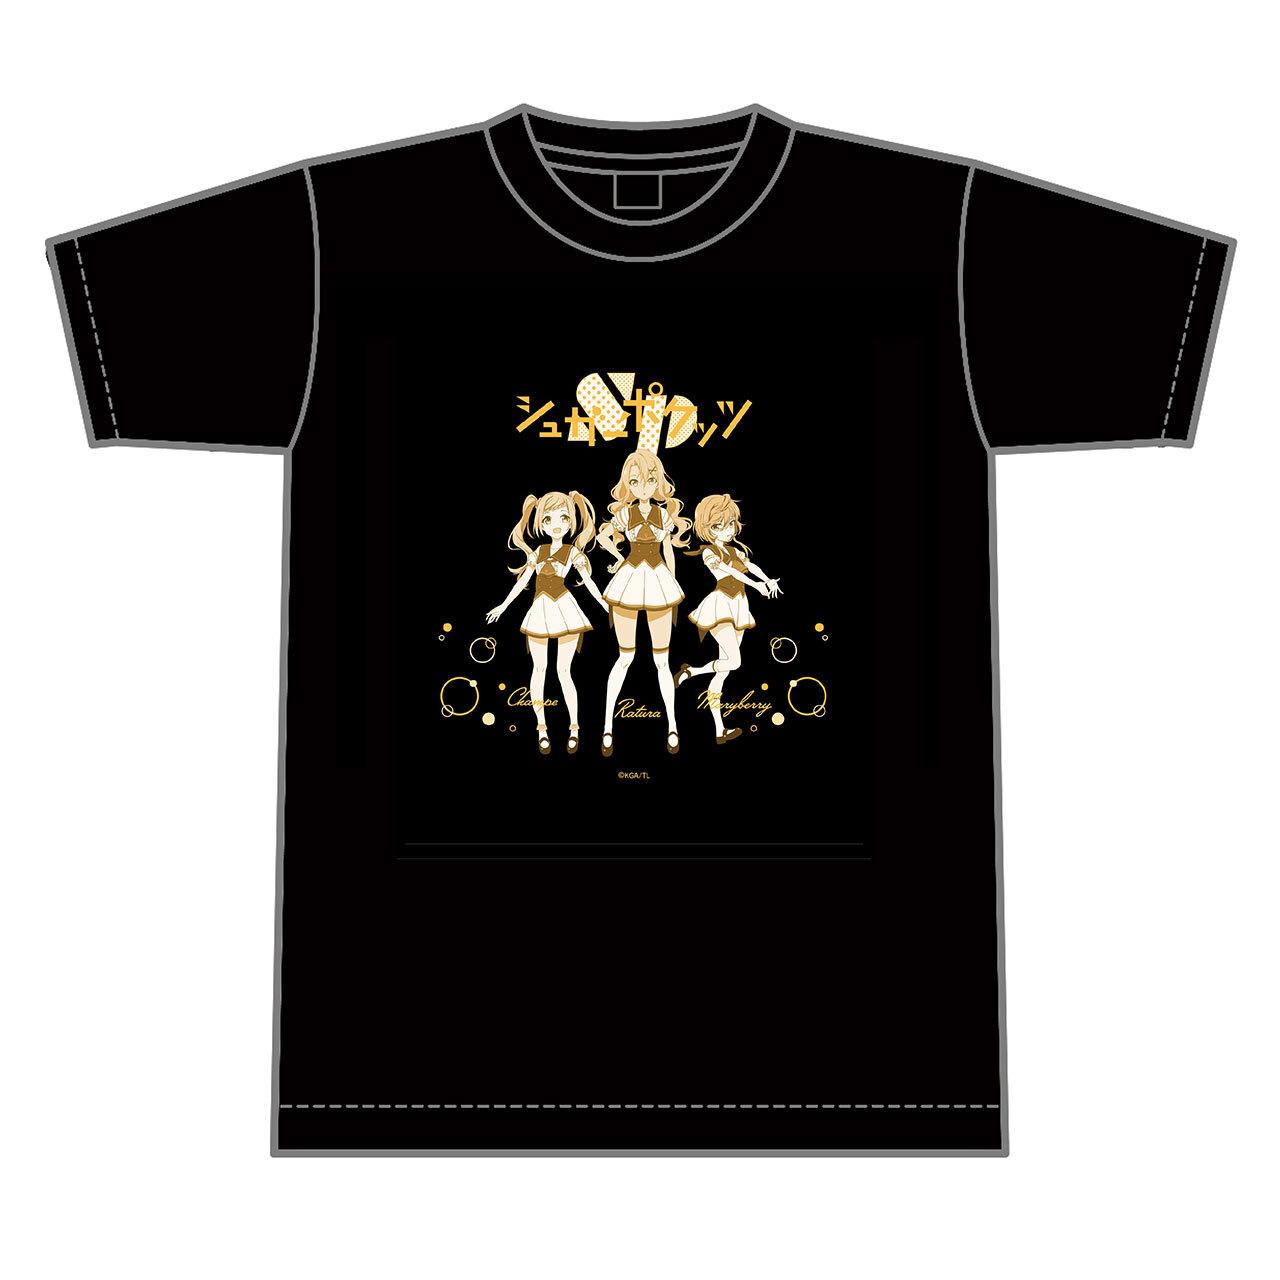 【4589839354523予】ラピスリライツ シュガーポケッツ Tシャツ 黒/Mサイズ